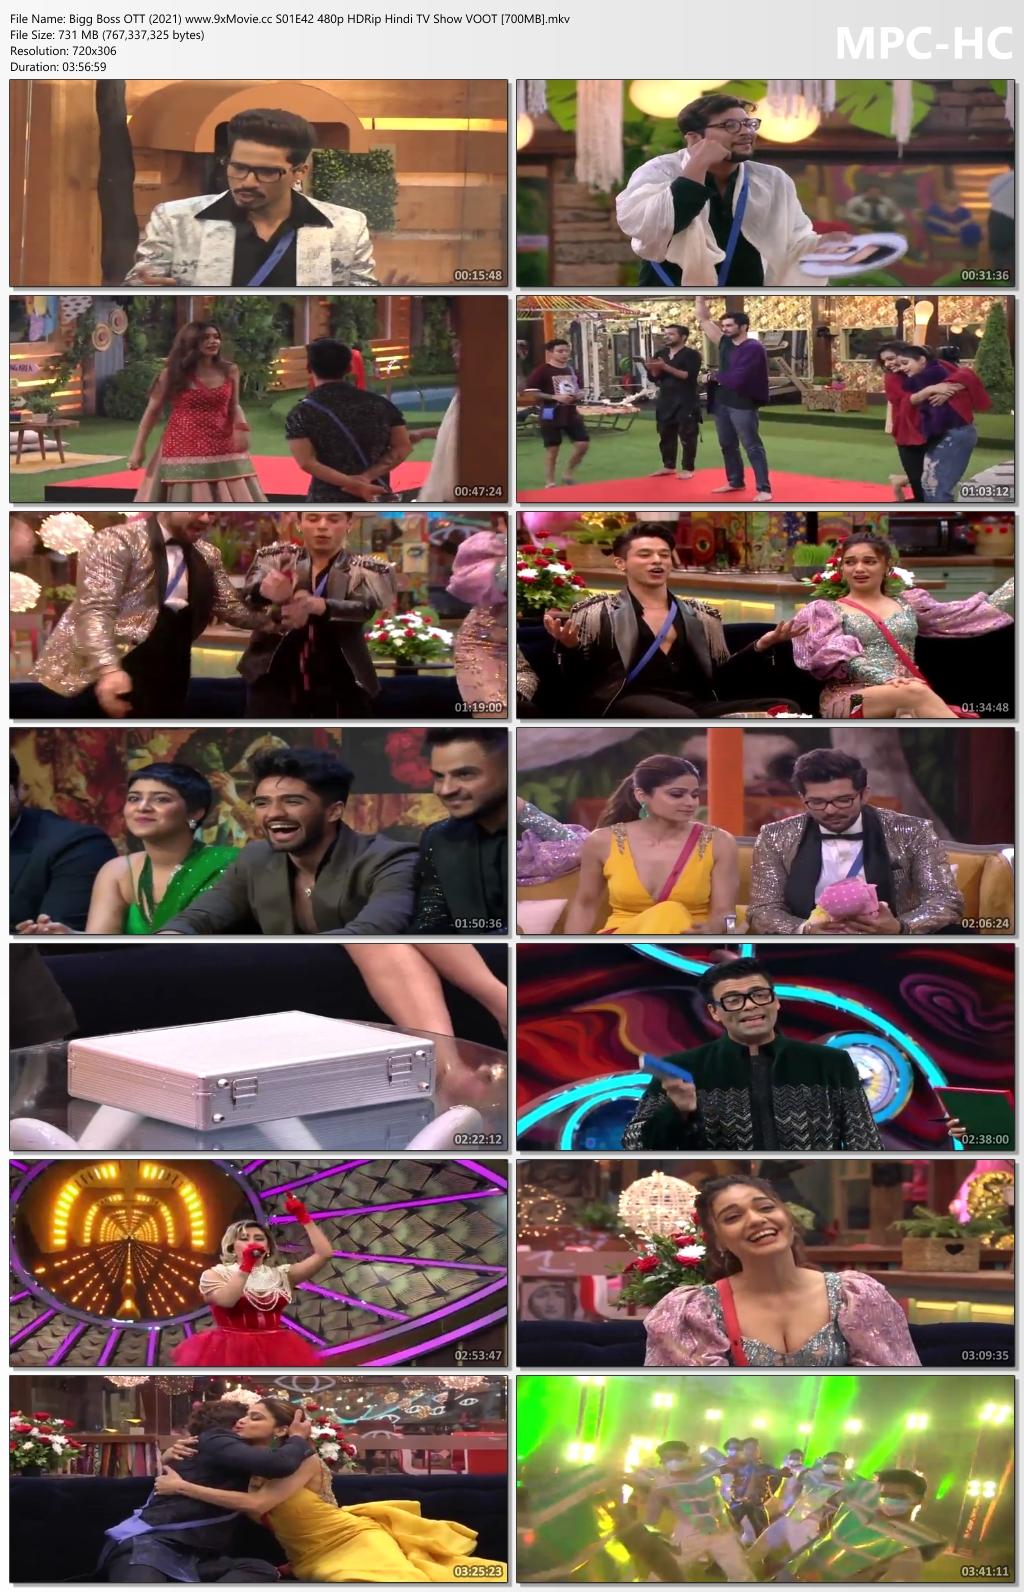 Bigg-Boss-OTT-2021-www-9x-Movie-cc-S01-E42-480p-HDRip-Hindi-TV-Show-VOOT-700-MB-mkv